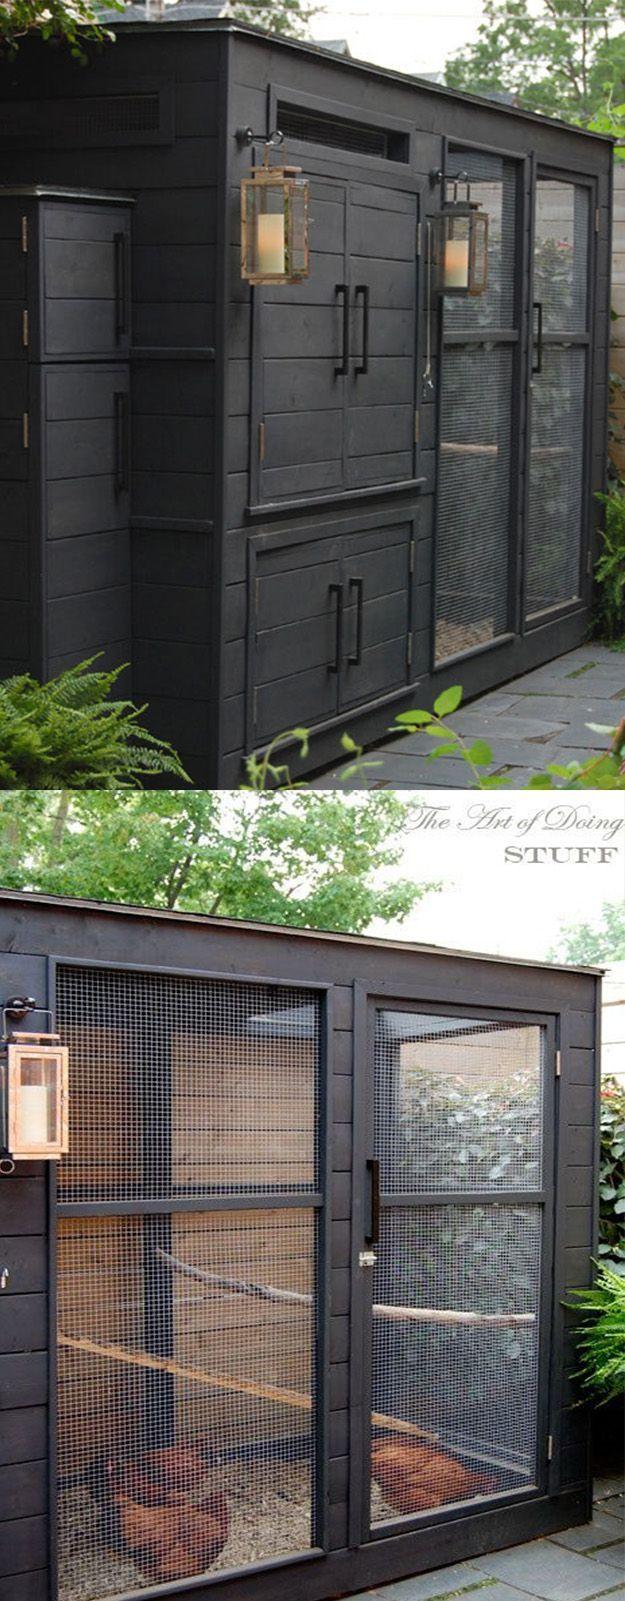 37 chicken coop designs and ideas 2nd edition - Chicken Coop Design Ideas